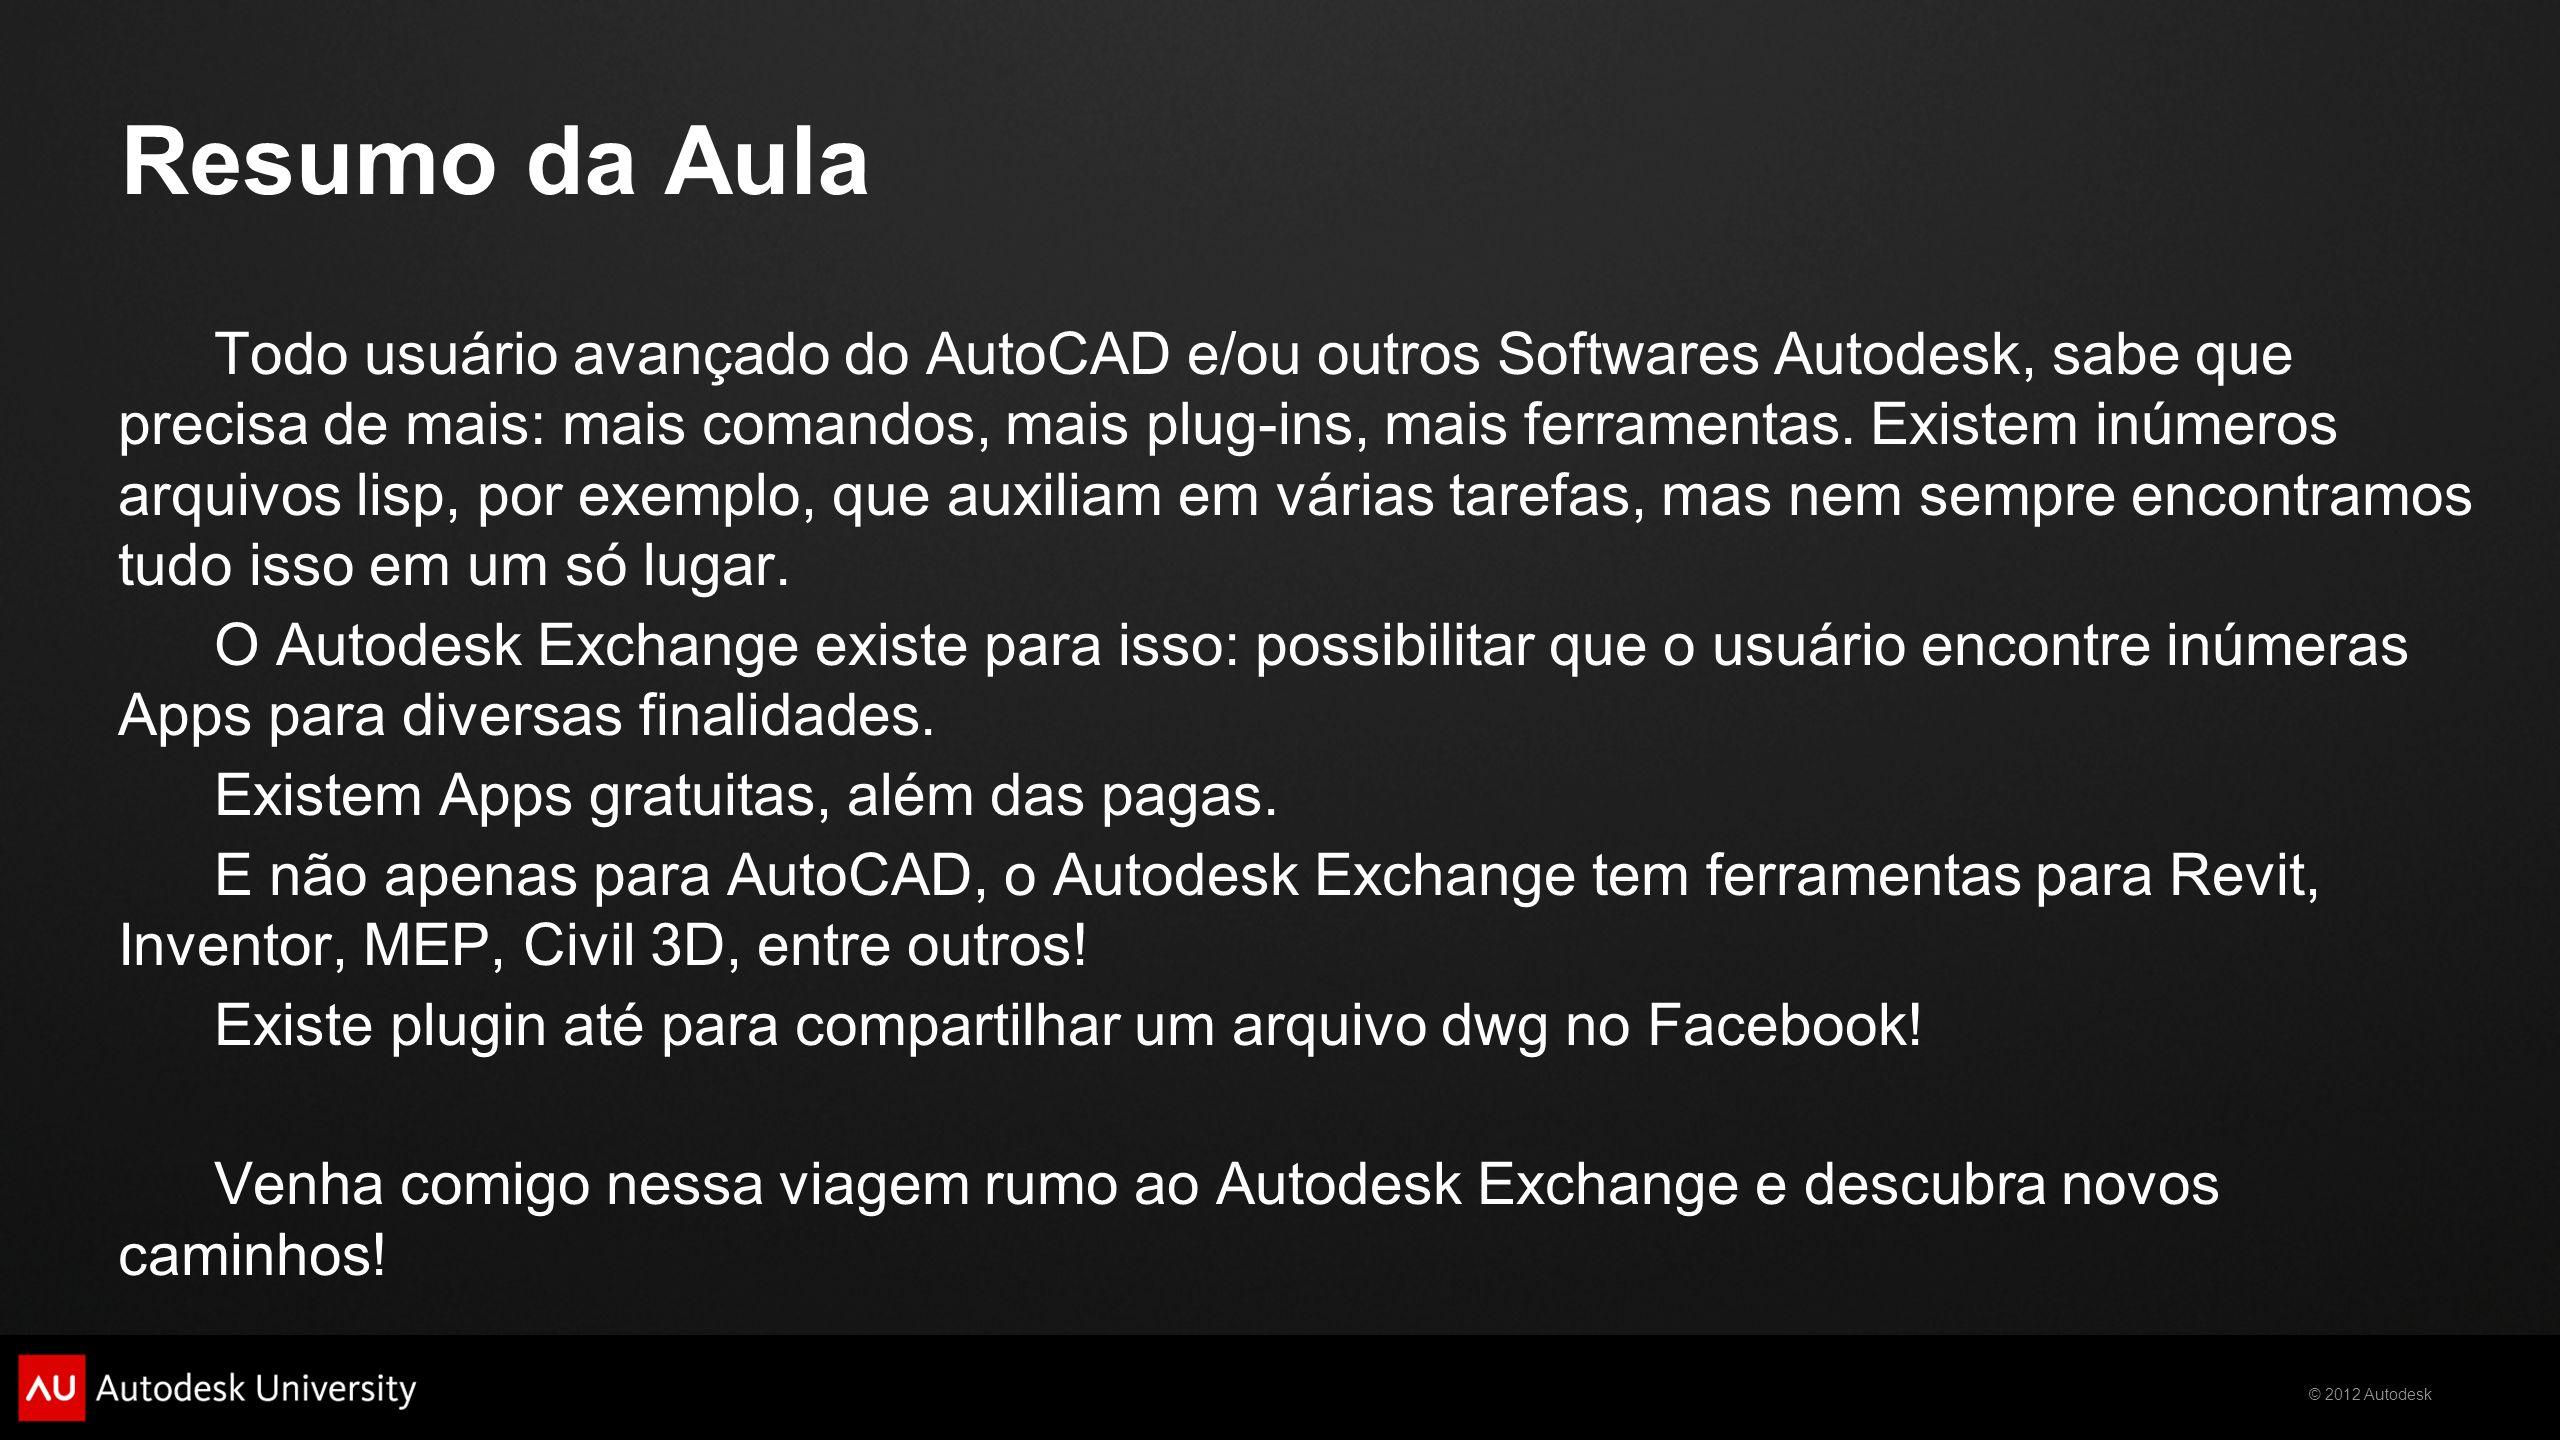 © 2012 Autodesk Objetivos de Aprendizagem Ao final desta aula, você será capaz de: Acessar e entender a estrutura do Autodesk Exchange Fazer buscas, downloads e instalar plug-ins (ou Apps) do Autodesk Exchange Utilizar os plug-ins instalados.